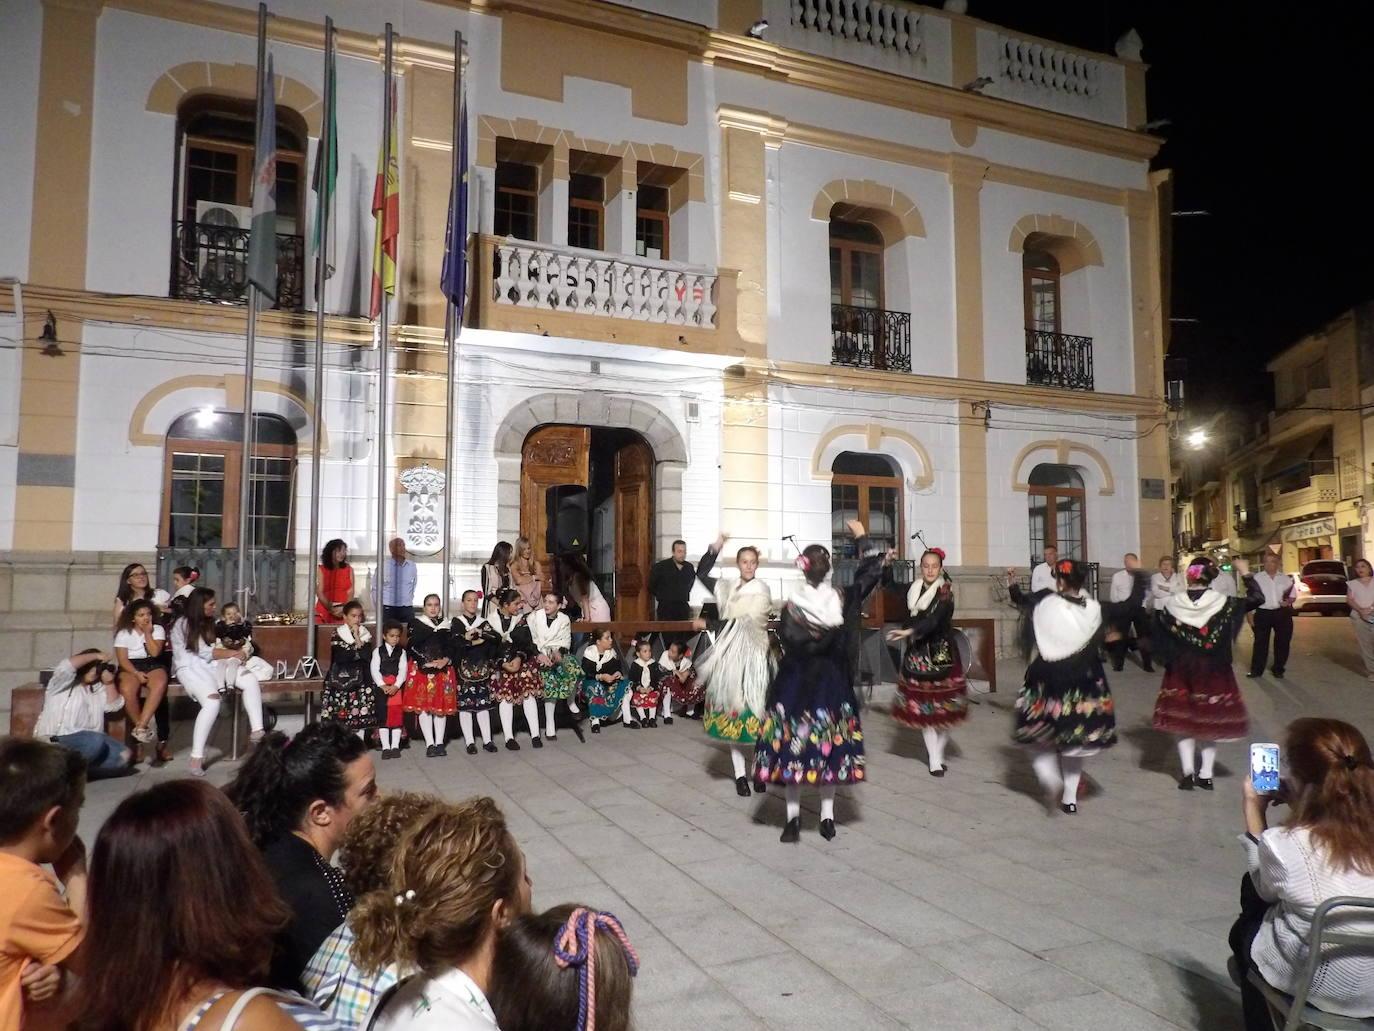 La Plaza se teñirá de verde, blanco y negro para celebrar el Día de Extremadura con música y danza